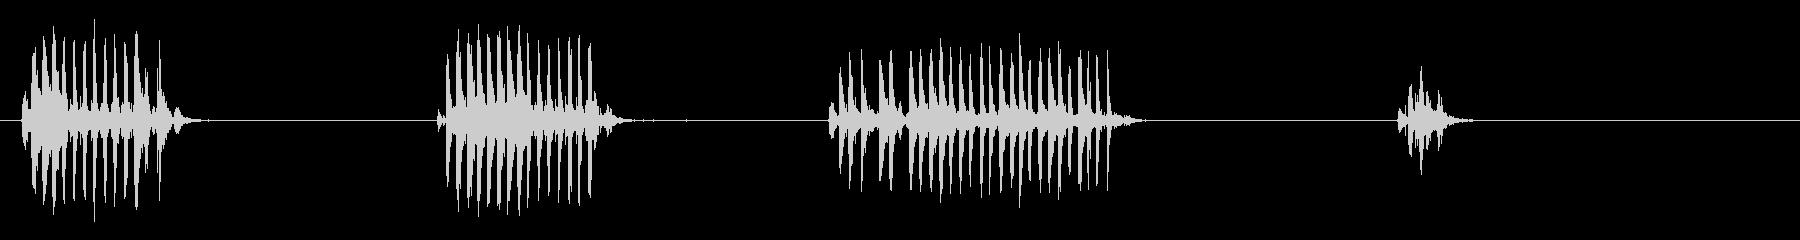 M-60:バレットインパクトメタル...の未再生の波形